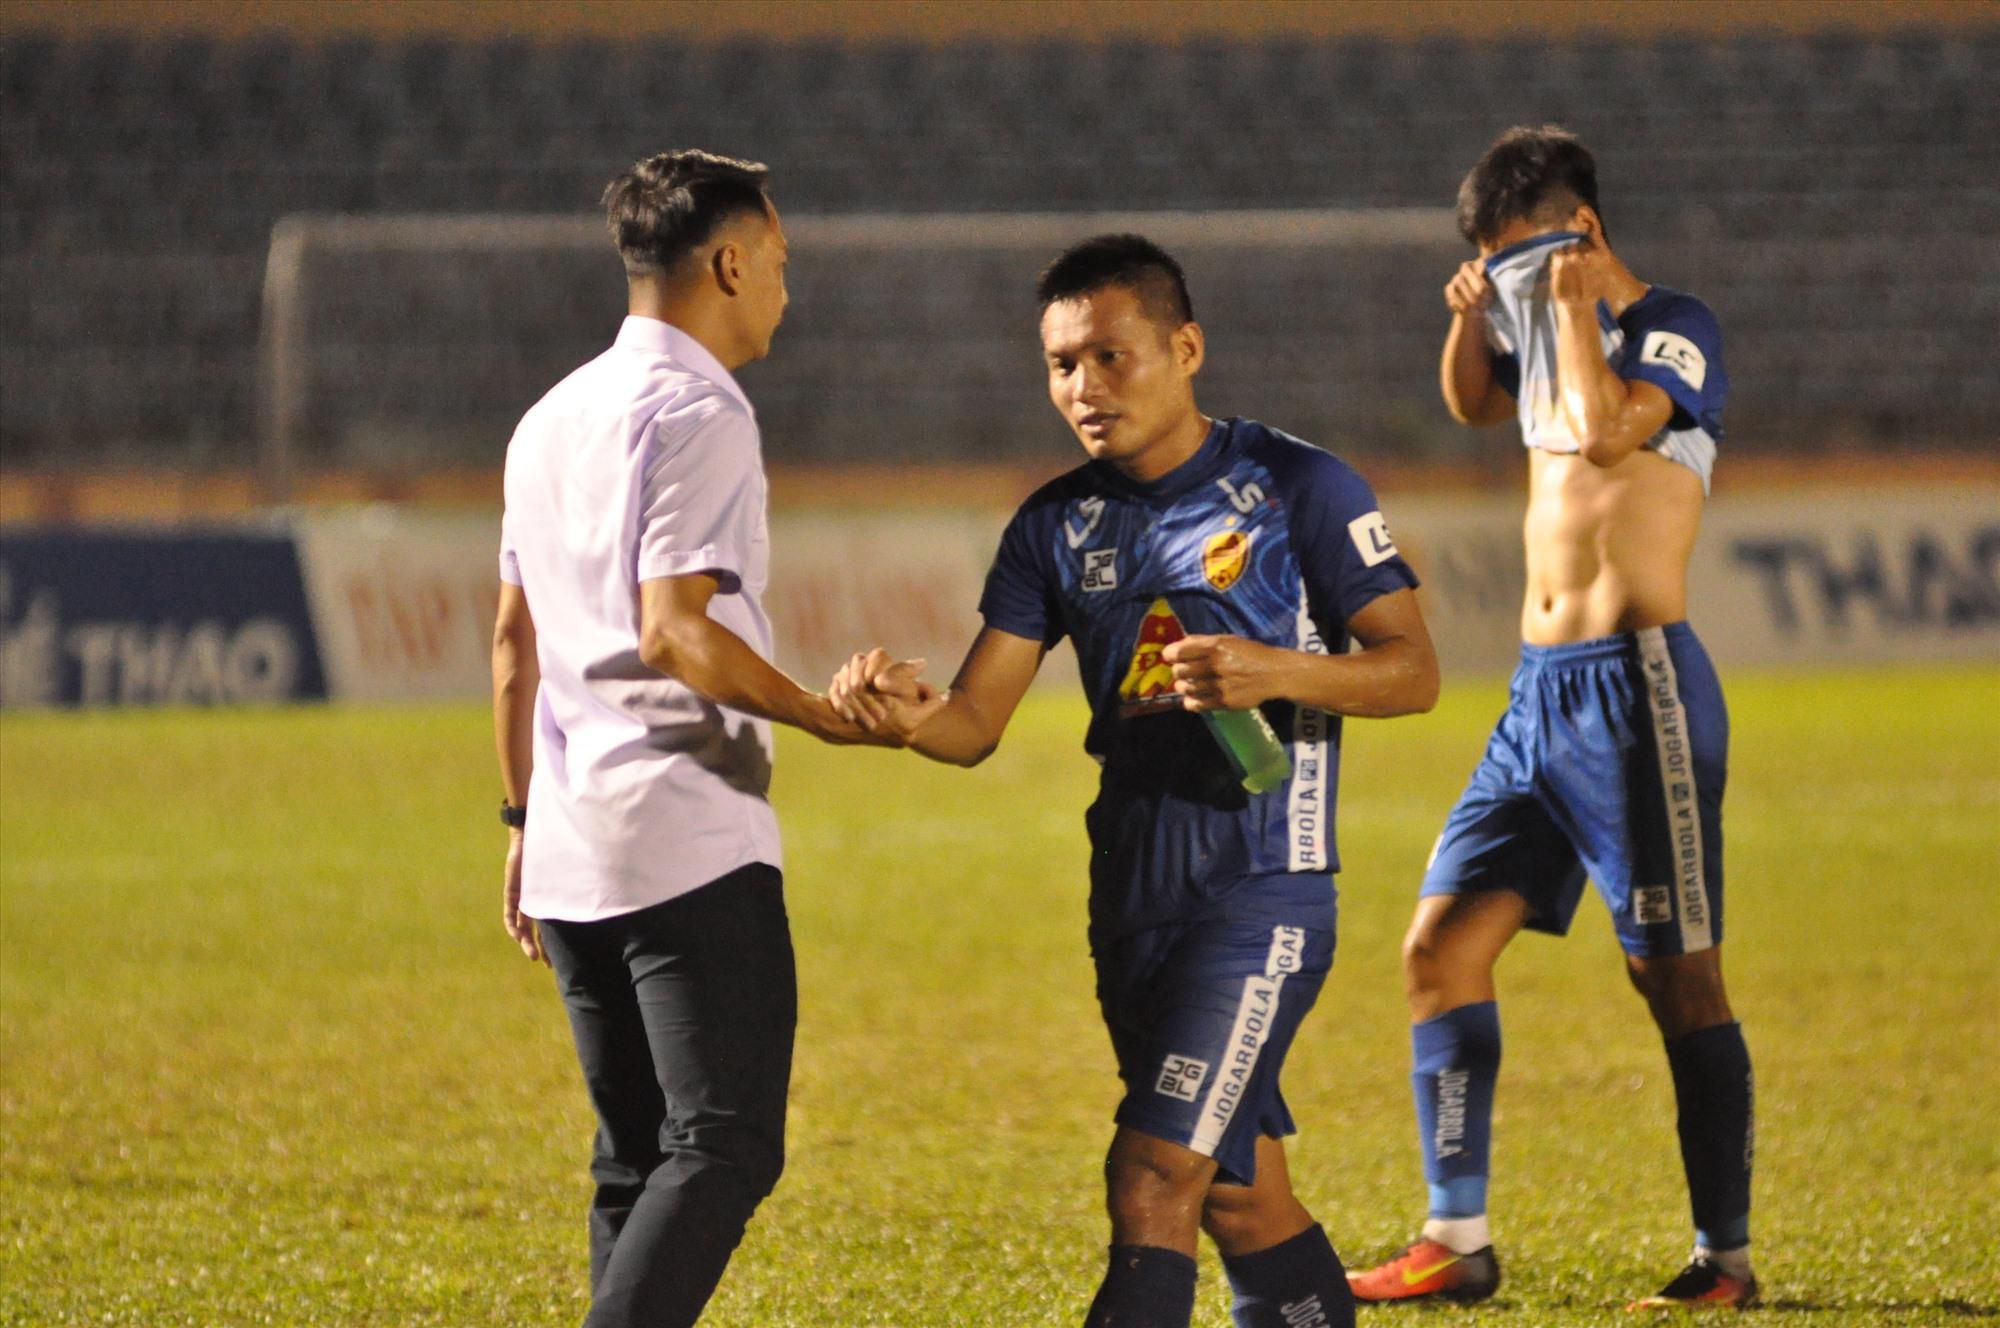 Sau khi trận đấu với Viettel kết thúc, HLV Vũ Hồng Việt ra tận sân bắt tay động viên các học trò...Ảnh: T.V